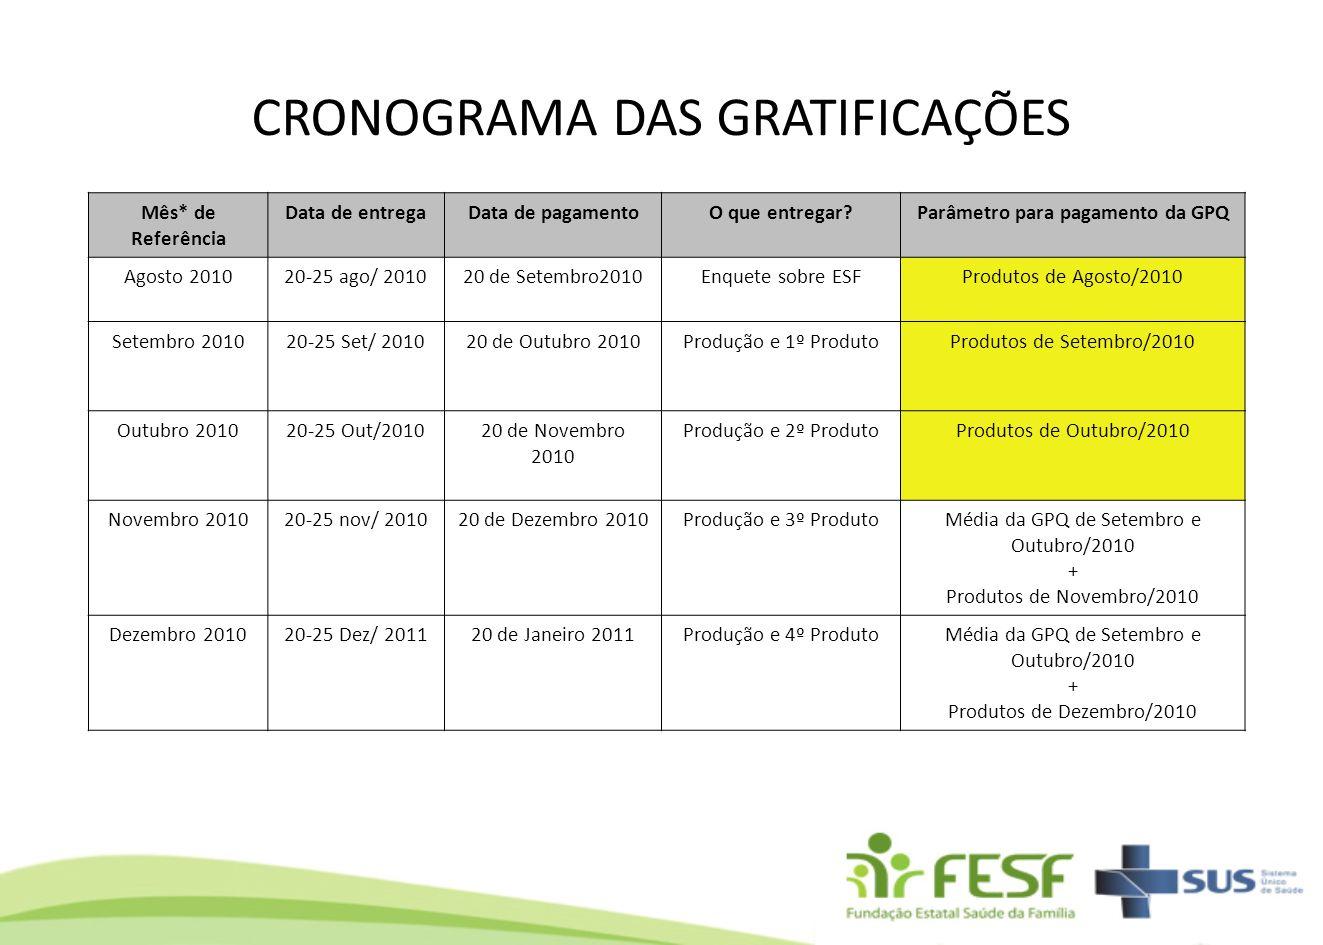 CRONOGRAMA DAS GRATIFICAÇÕES